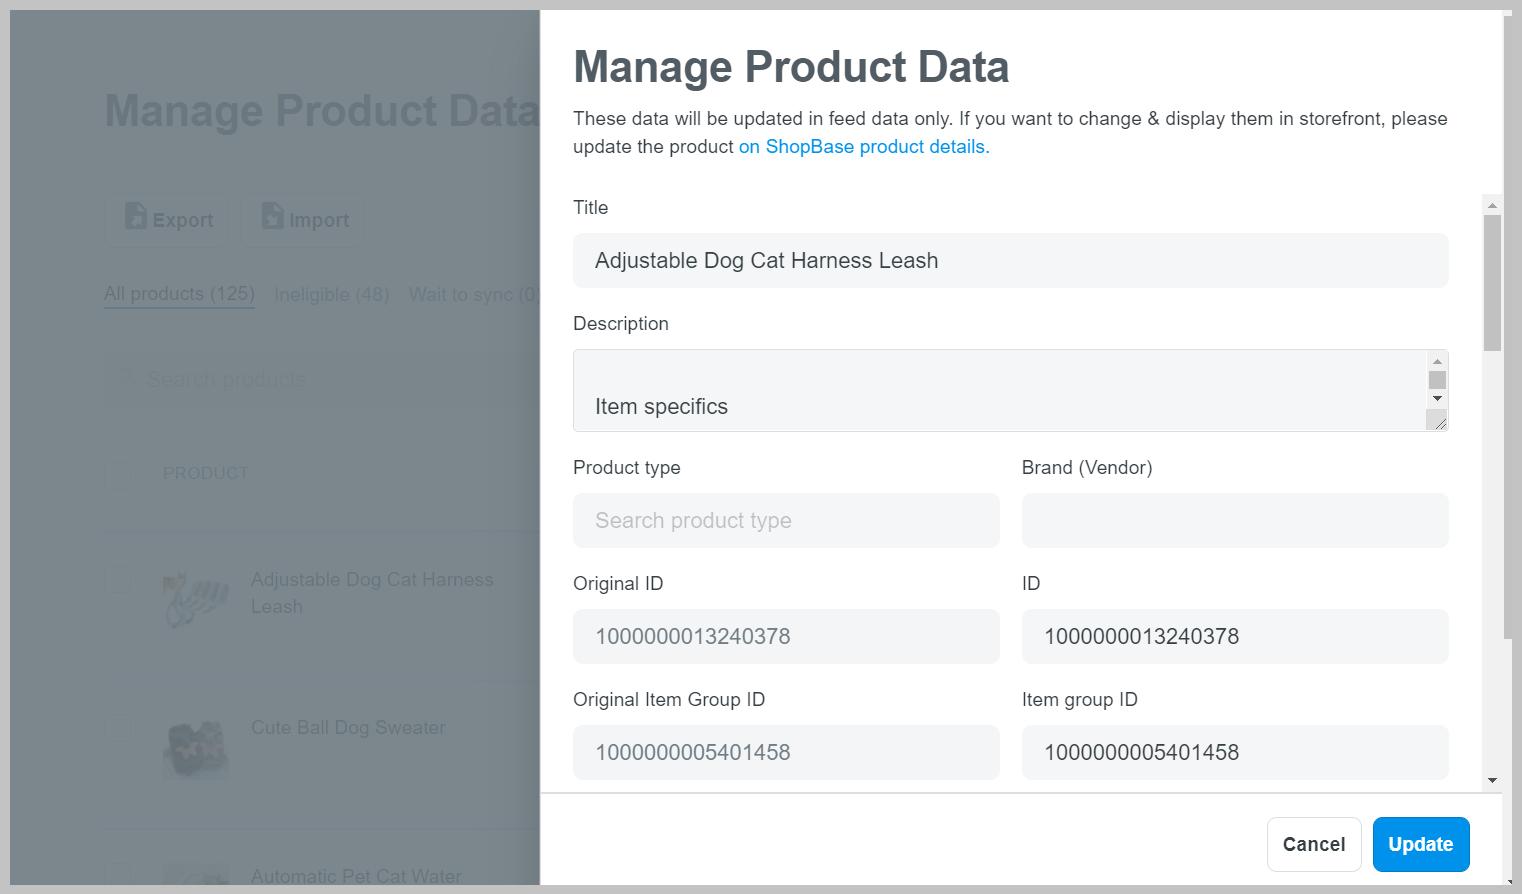 """Một cửa sổ popup sẽ xuất hiện nếu bạn nhấp vào từng sản phẩm, tại đó bạn có thể chỉnh sửa thông tin sản phẩm và nhấp vào nút """"Update""""."""